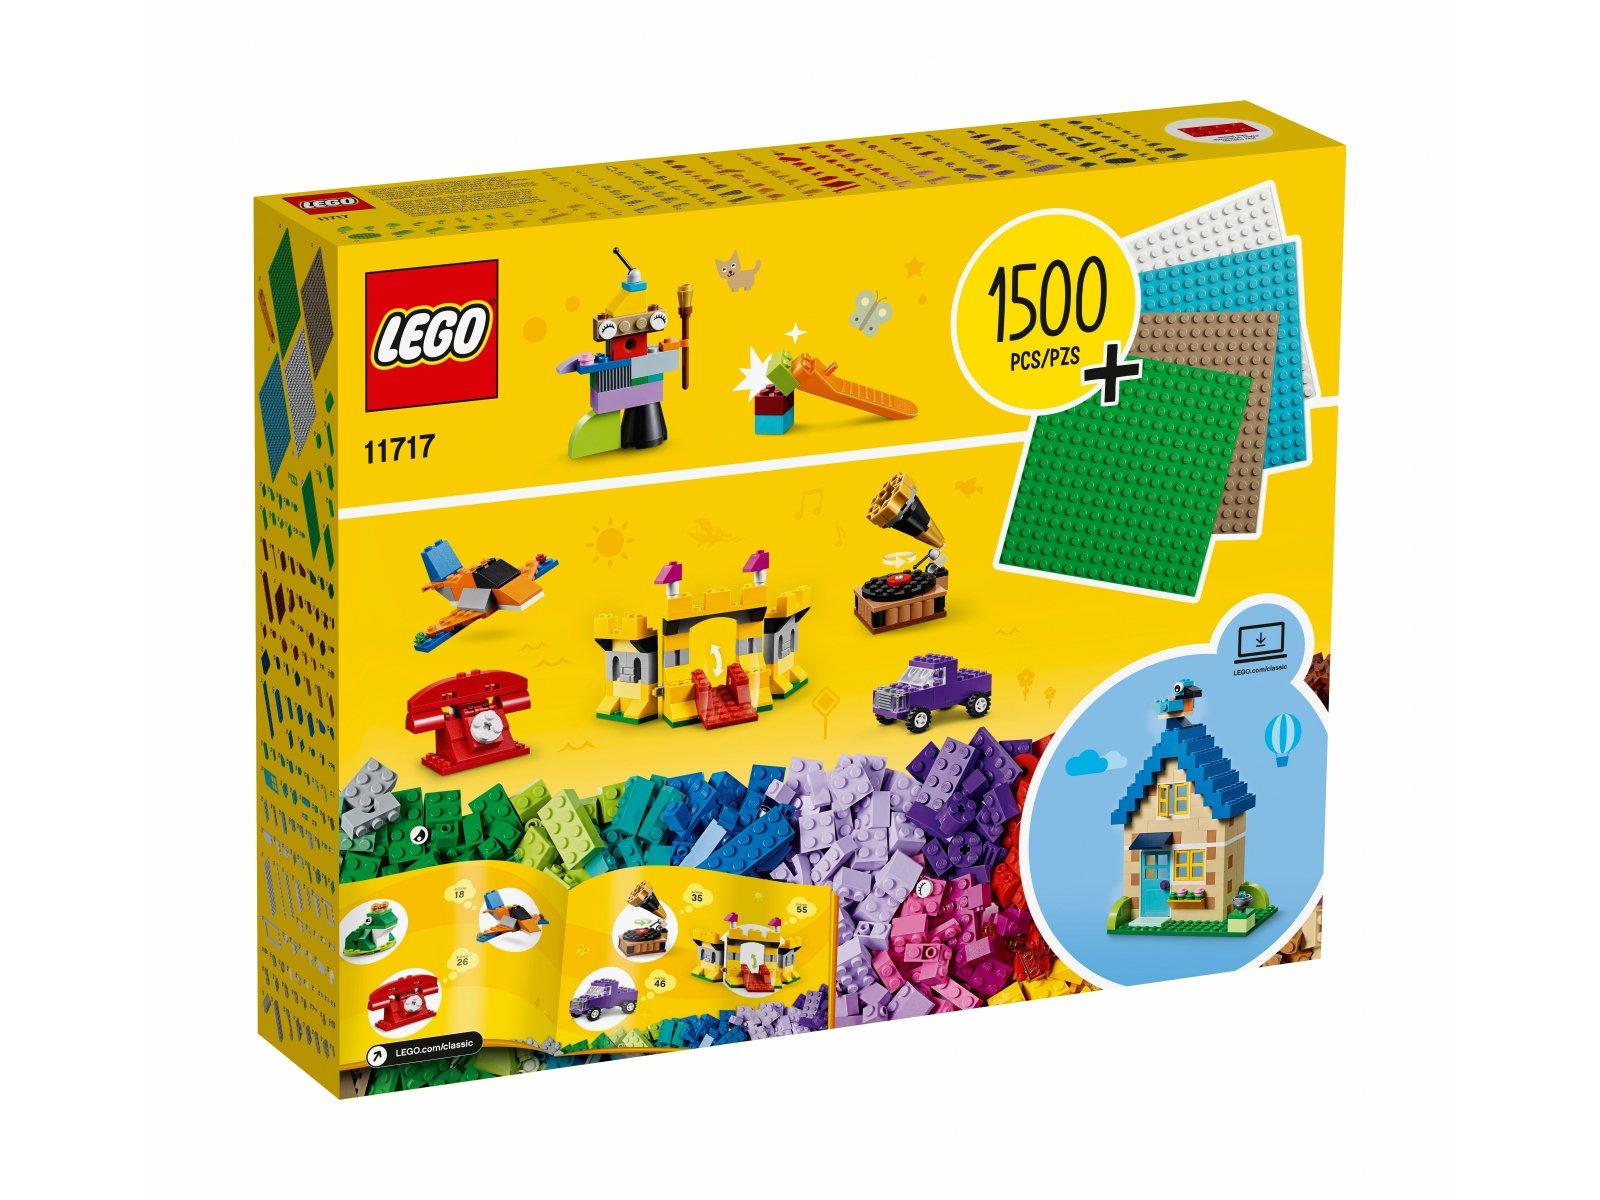 LEGO 11717 Klocki, klocki, płytki